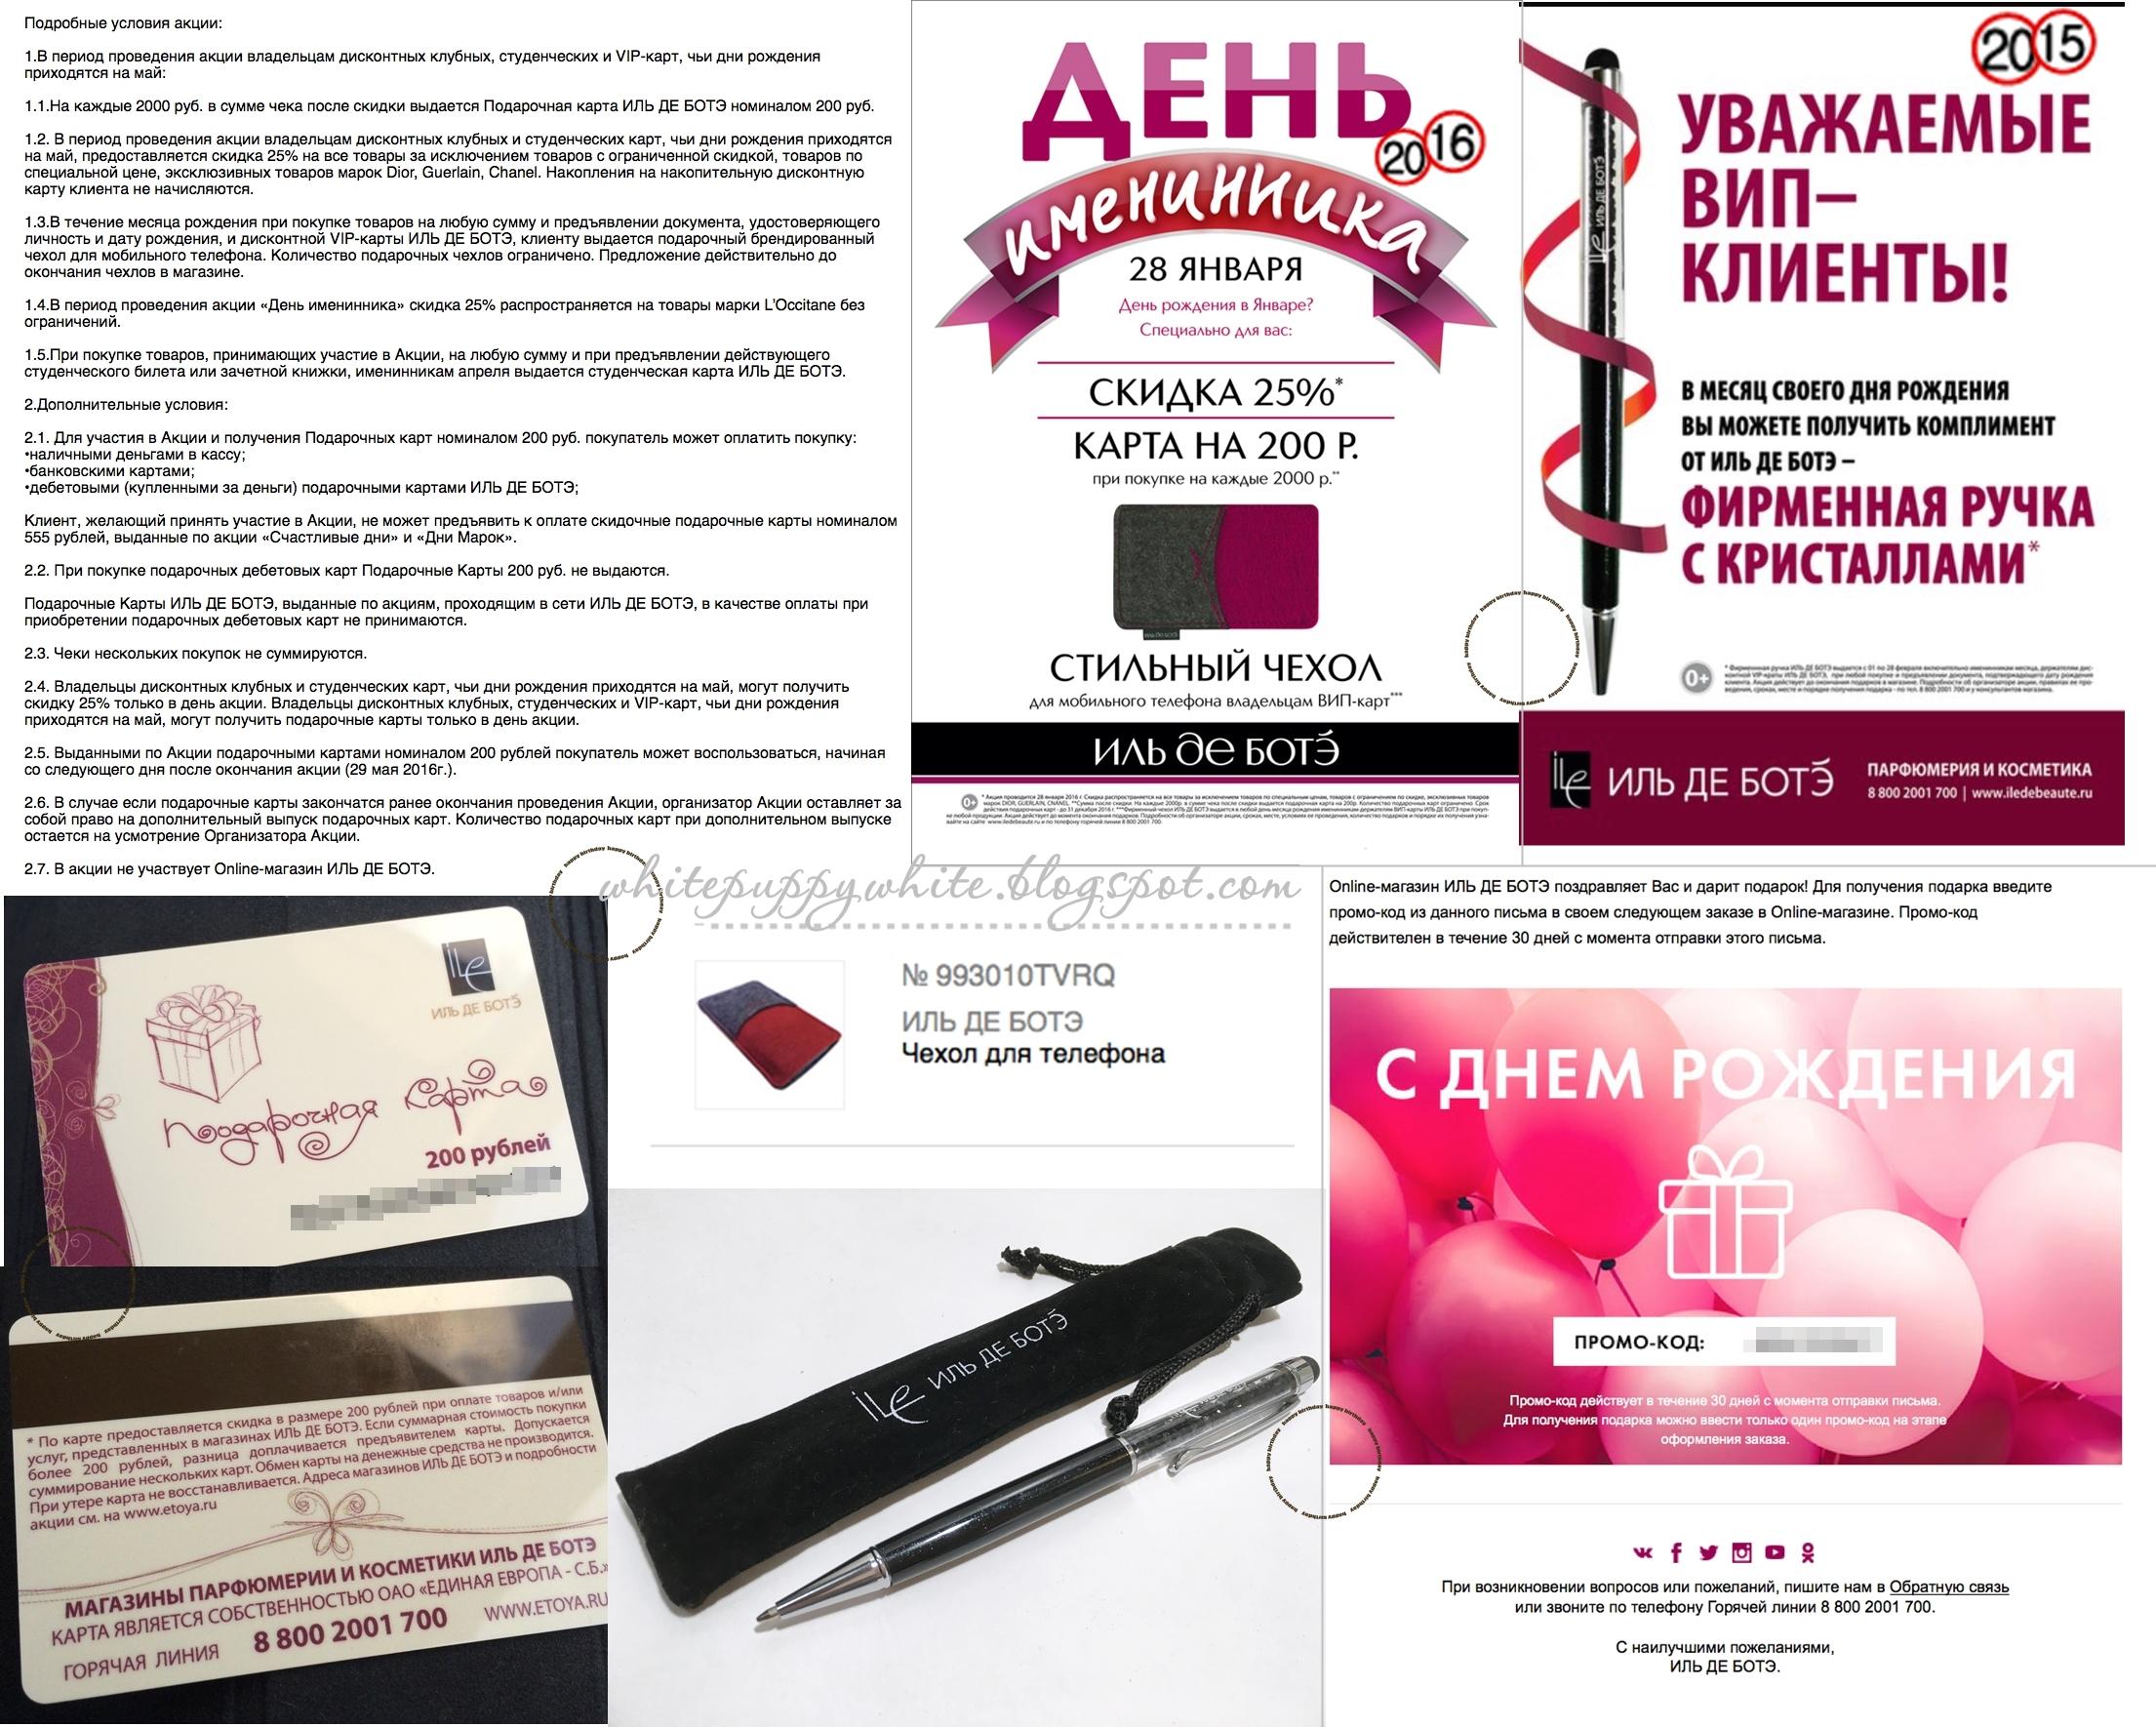 Lvsl ru подарок на день рождения по промокоду